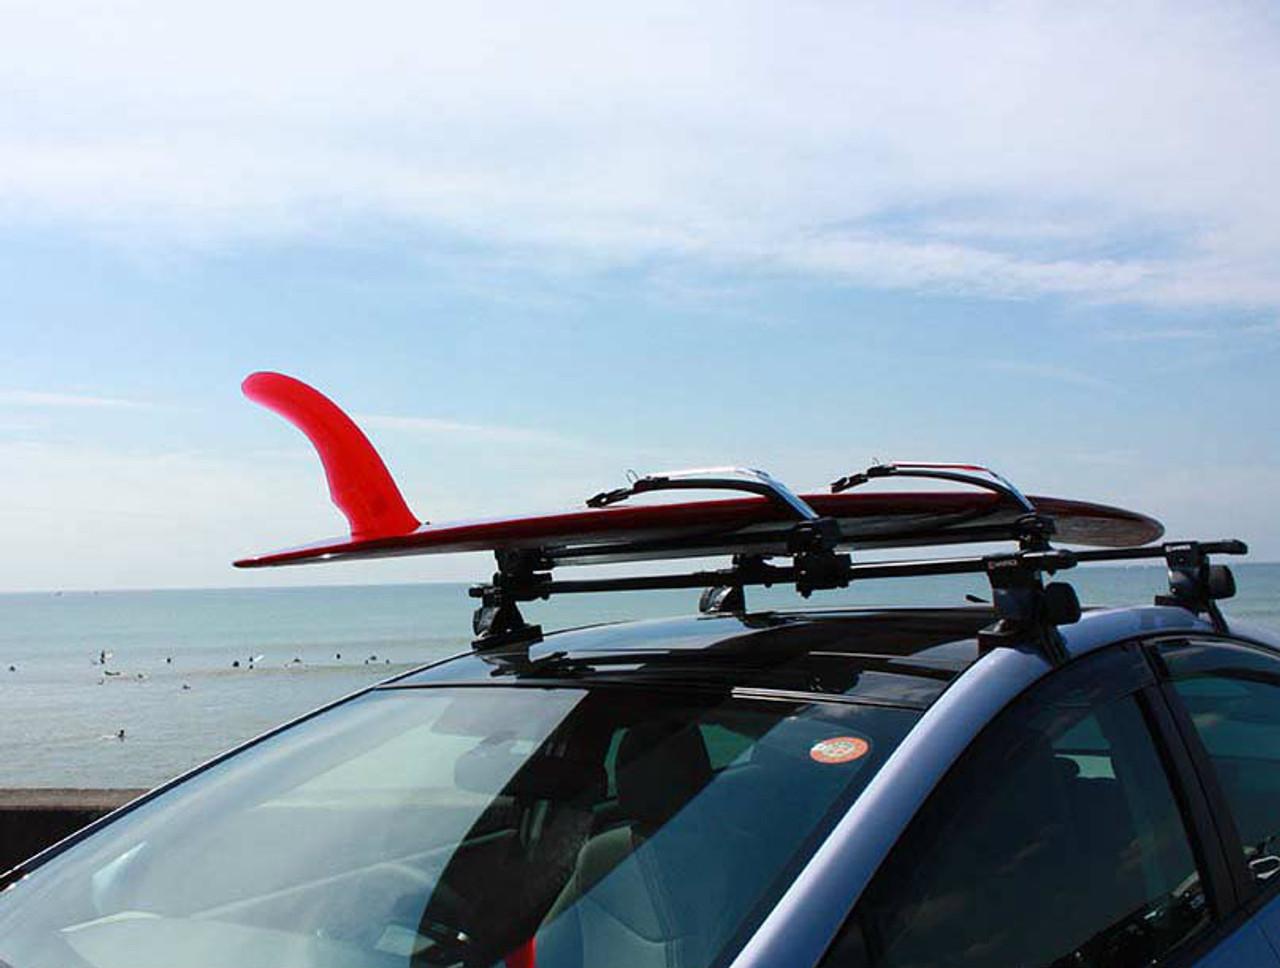 Locking Surfboard Roof Rack System | Inno Boardlocker